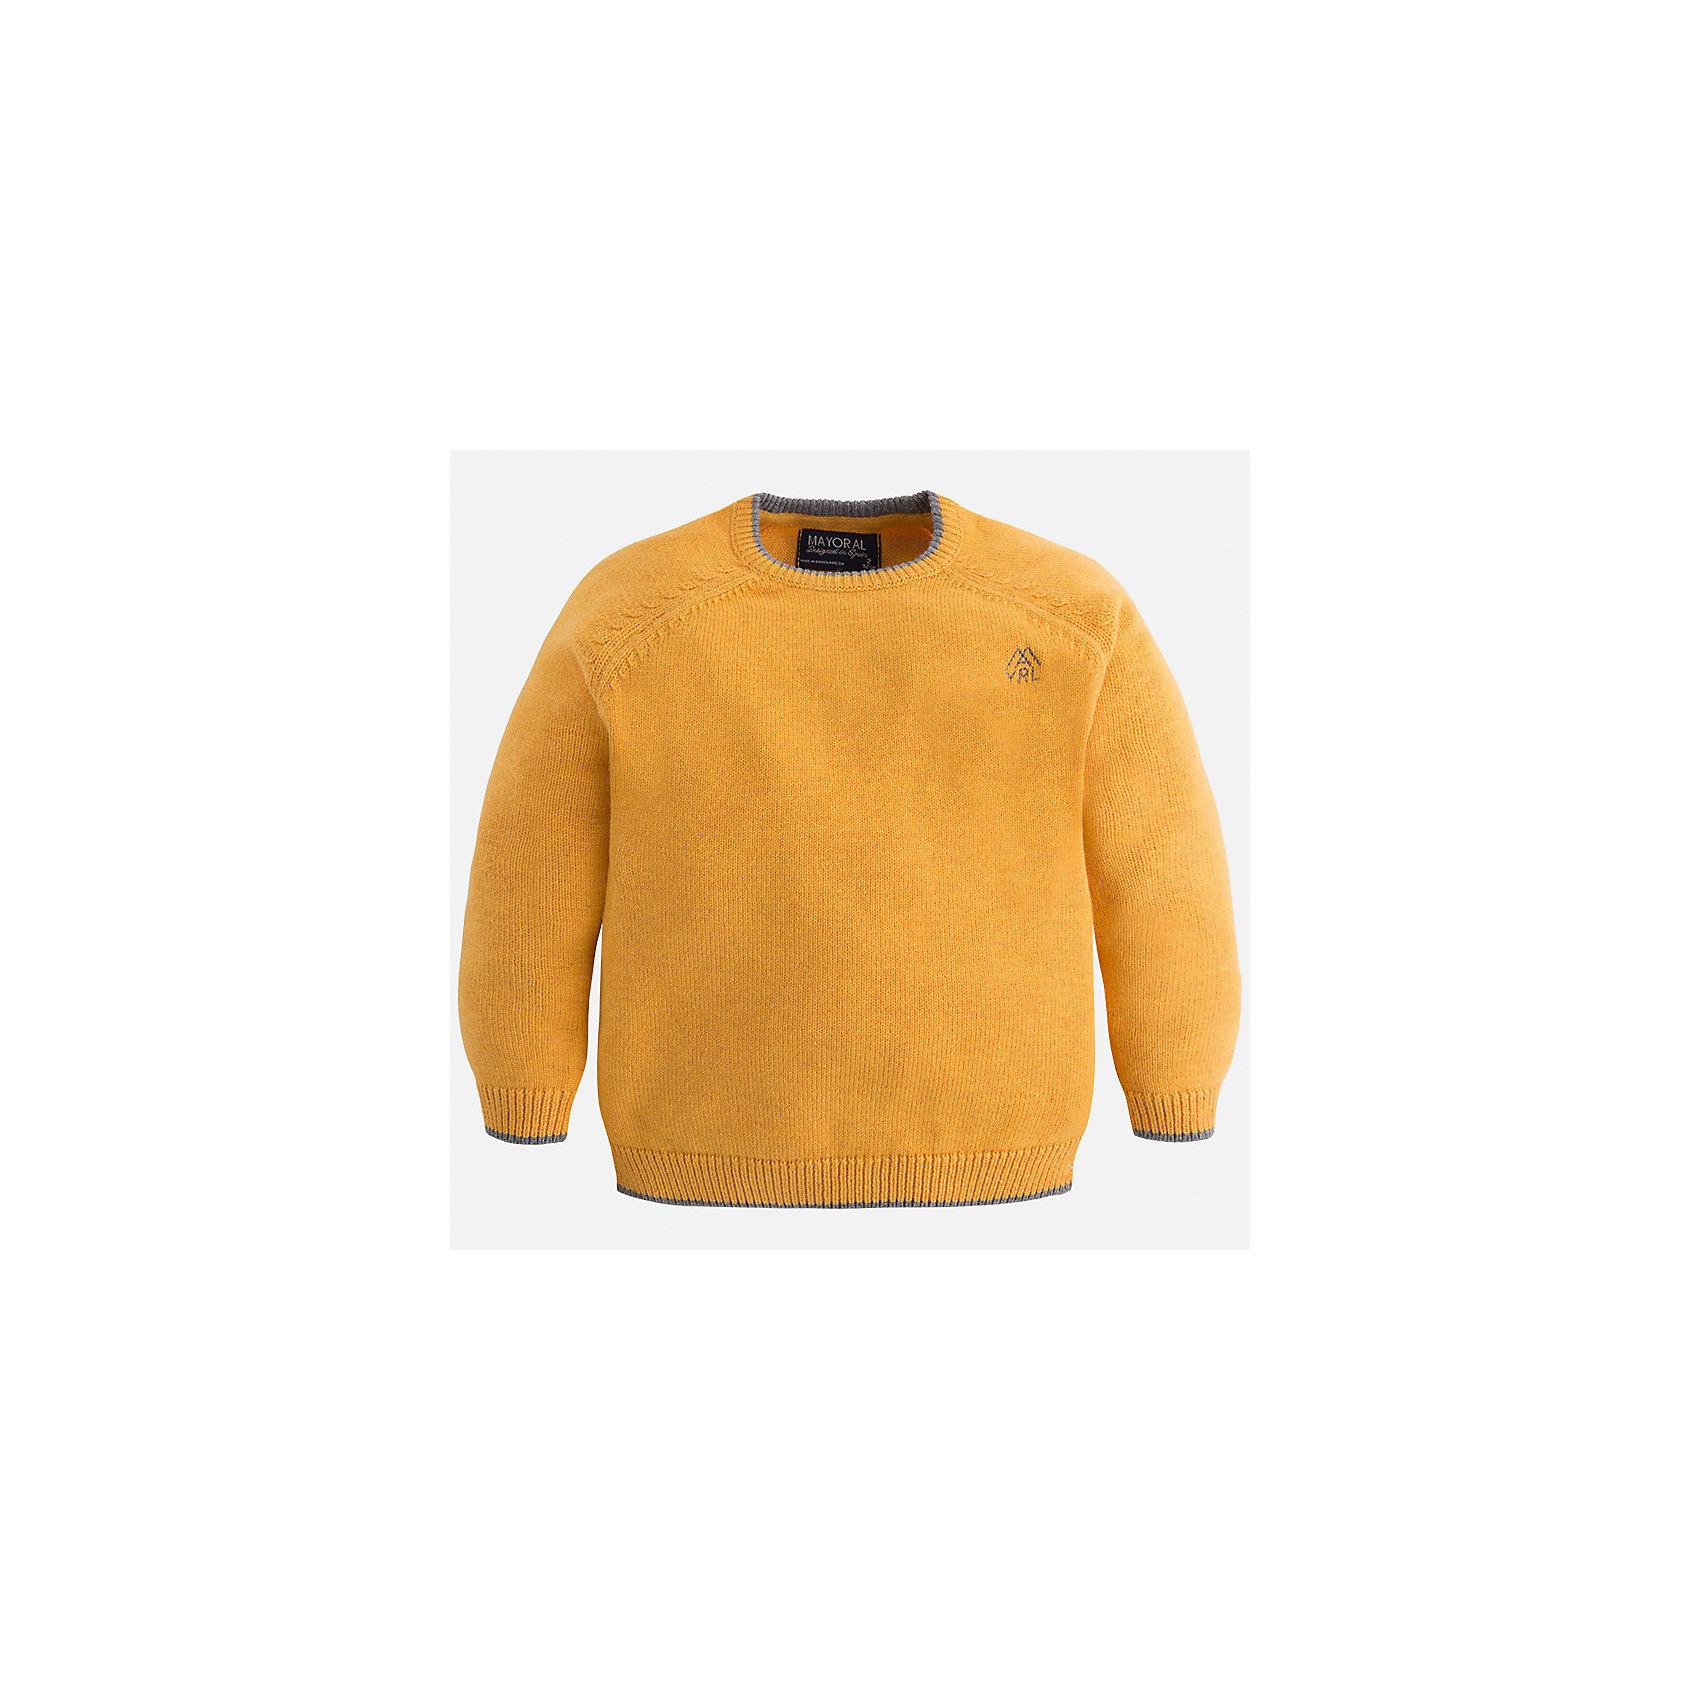 Свитер для мальчика MayoralСвитера и кардиганы<br>Характеристики товара:<br><br>• цвет: желтый;<br>• состав ткани: 60% хлопок, 30% полиамид, 10% шерсть;<br>• длинный рукав;<br>• однотонный;<br>• сезон: демисезон;<br>• страна бренда: Испания;<br>• страна изготовитель: Бангладеш.<br><br>Свитер для мальчика от популярного бренда Mayoral из натурально и мягкого 100% хлопка тонкой вязки с добавлением шерсти, декорирован принтом в виде логотипа с вышивкой. Имеет круглый вырез и уплотненные края на руковах и поясе  с контрастной  оконтовкой. Очень практичный и долгий в носке, цвет нетускнеет, смотрится аккуратно и стильно.<br><br>Для производства детской одежды популярный бренд Mayoral используют только качественную фурнитуру и материалы. Оригинальные и модные вещи от Майорал неизменно привлекают внимание и нравятся детям.<br><br>Свитер для мальчика Mayoral (Майорал) можно купить в нашем интернет-магазине.<br><br>Ширина мм: 190<br>Глубина мм: 74<br>Высота мм: 229<br>Вес г: 236<br>Цвет: желтый<br>Возраст от месяцев: 18<br>Возраст до месяцев: 24<br>Пол: Мужской<br>Возраст: Детский<br>Размер: 116,122,128,134,92,98,104,110<br>SKU: 6931787